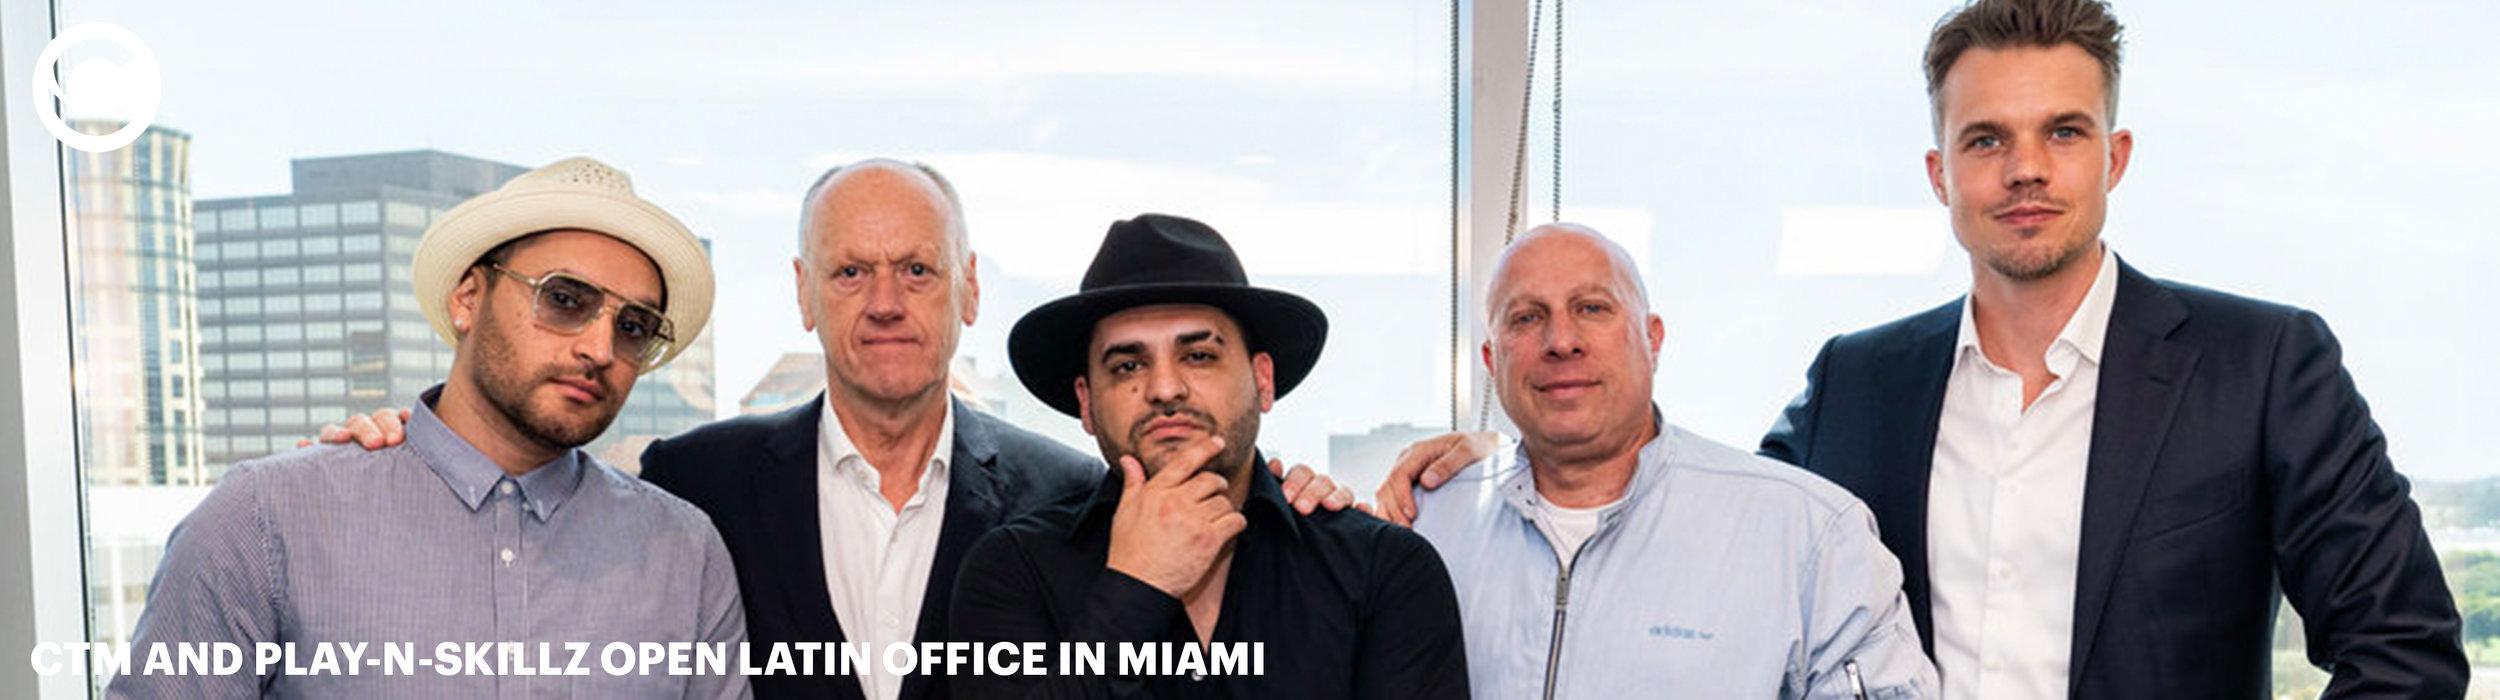 Latin_Office_Banner.jpg